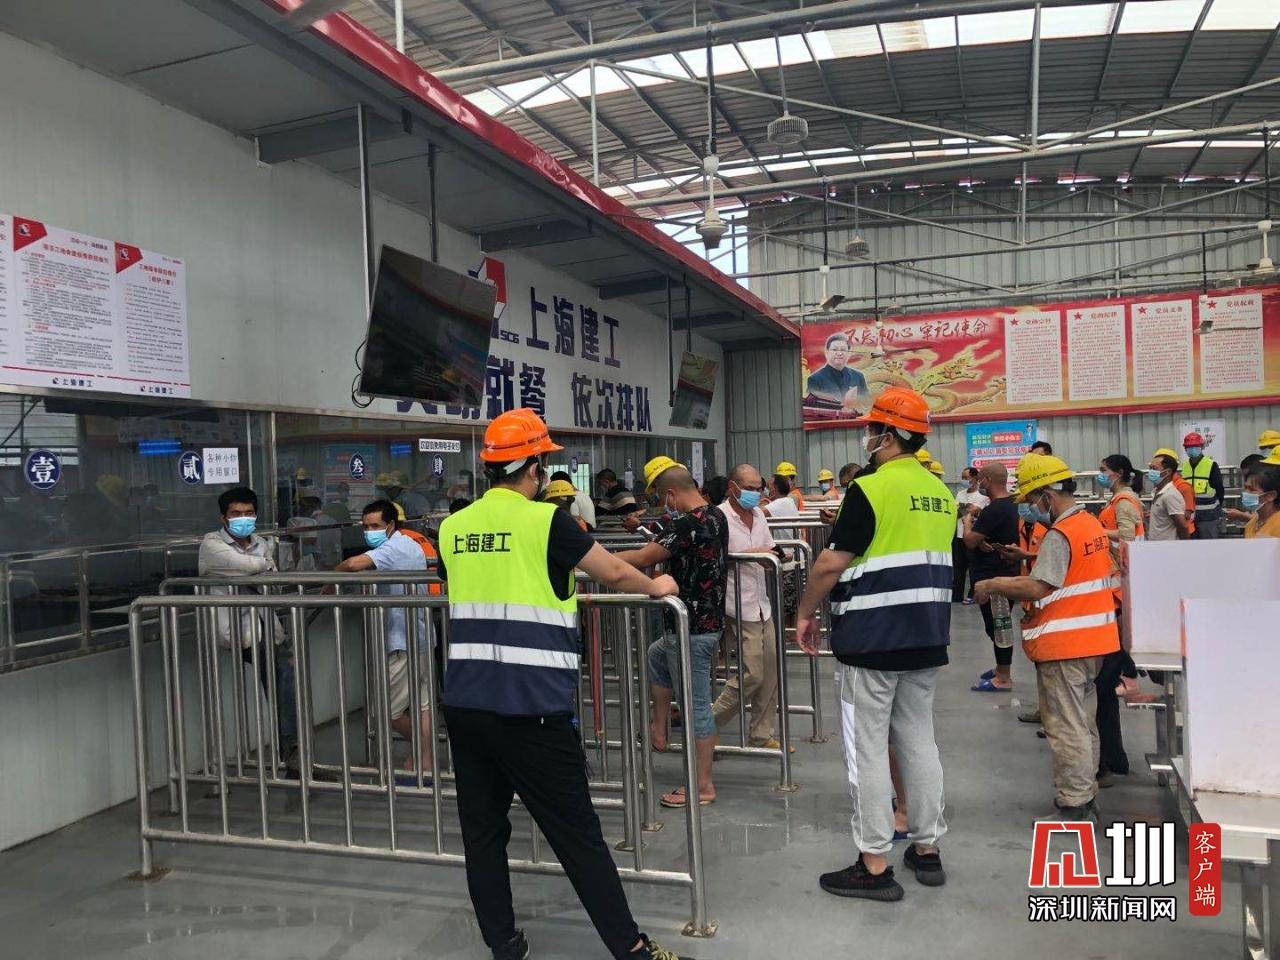 星期三查餐厅|突查深圳市技术大学建筑工地食堂